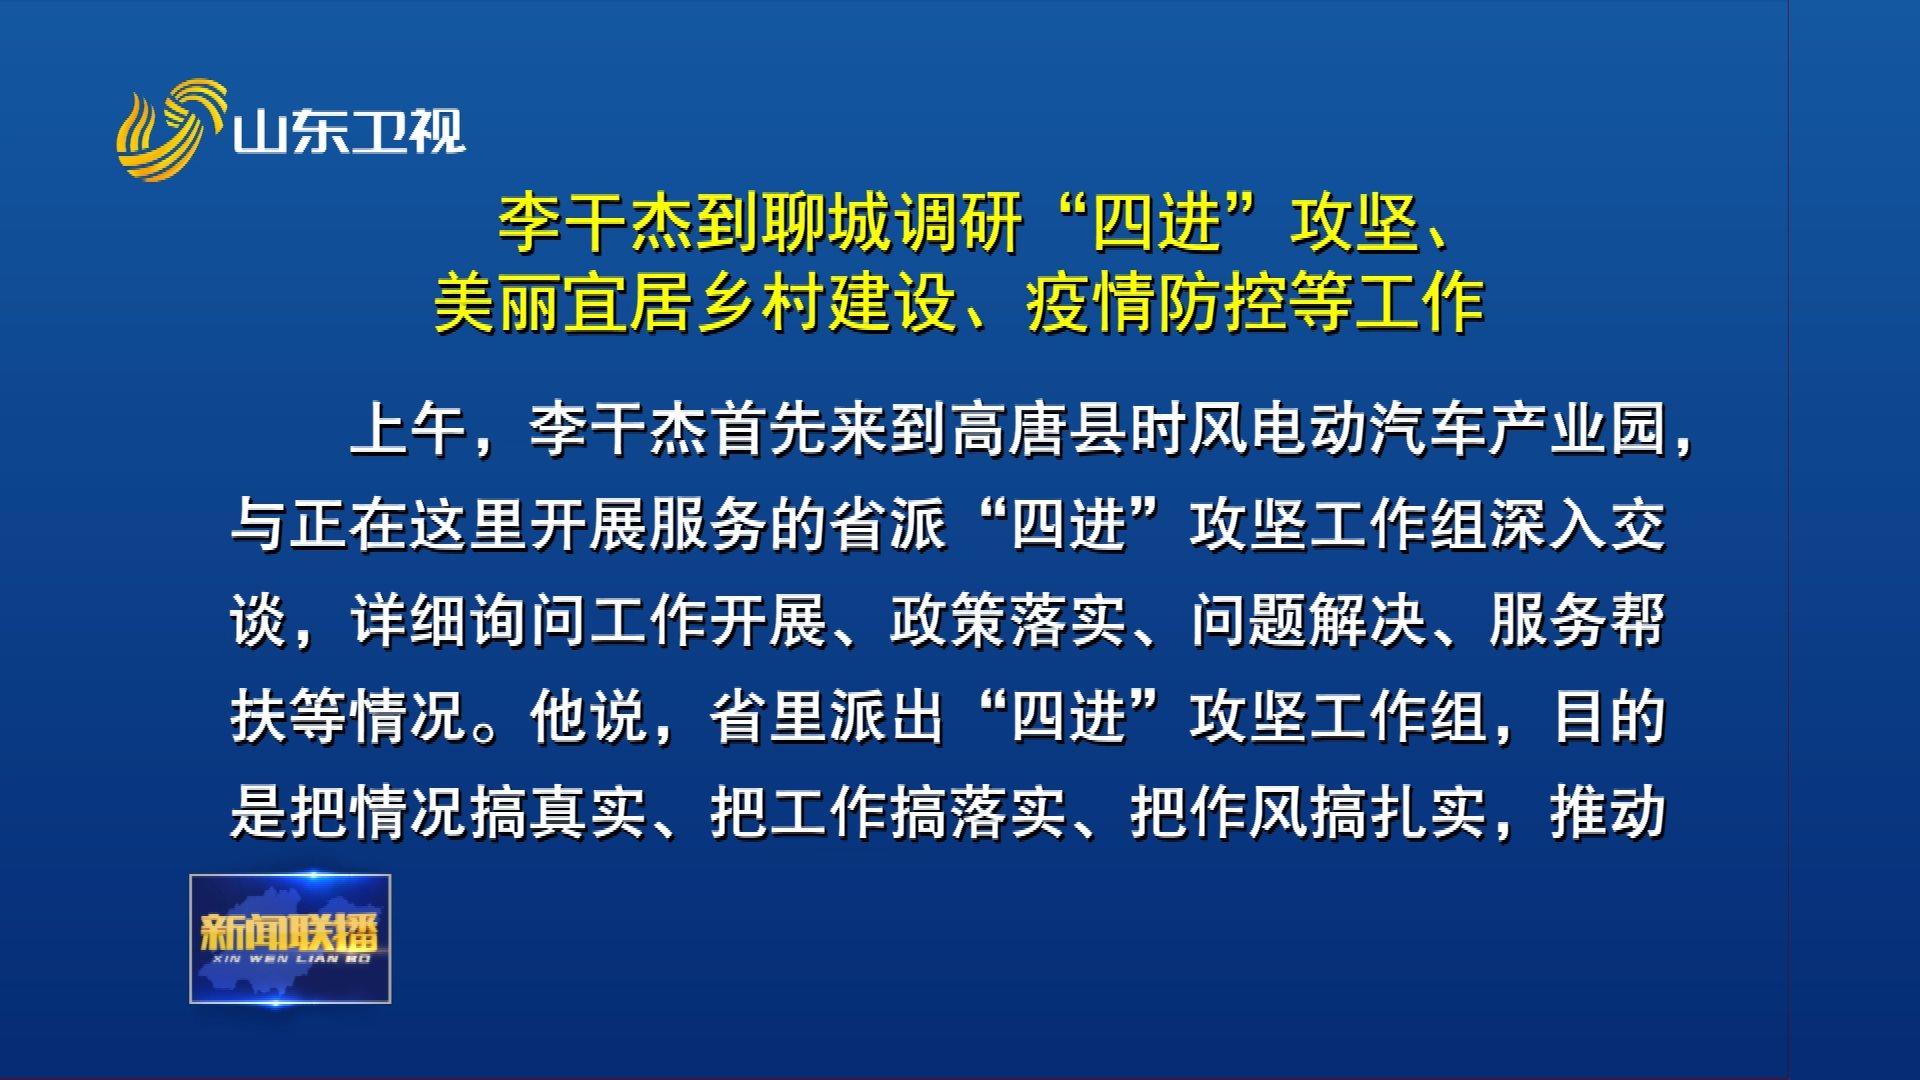 """李干杰到聊城调研""""四进""""攻坚 斑斓宜居乡村建设 疫情防控等工作"""